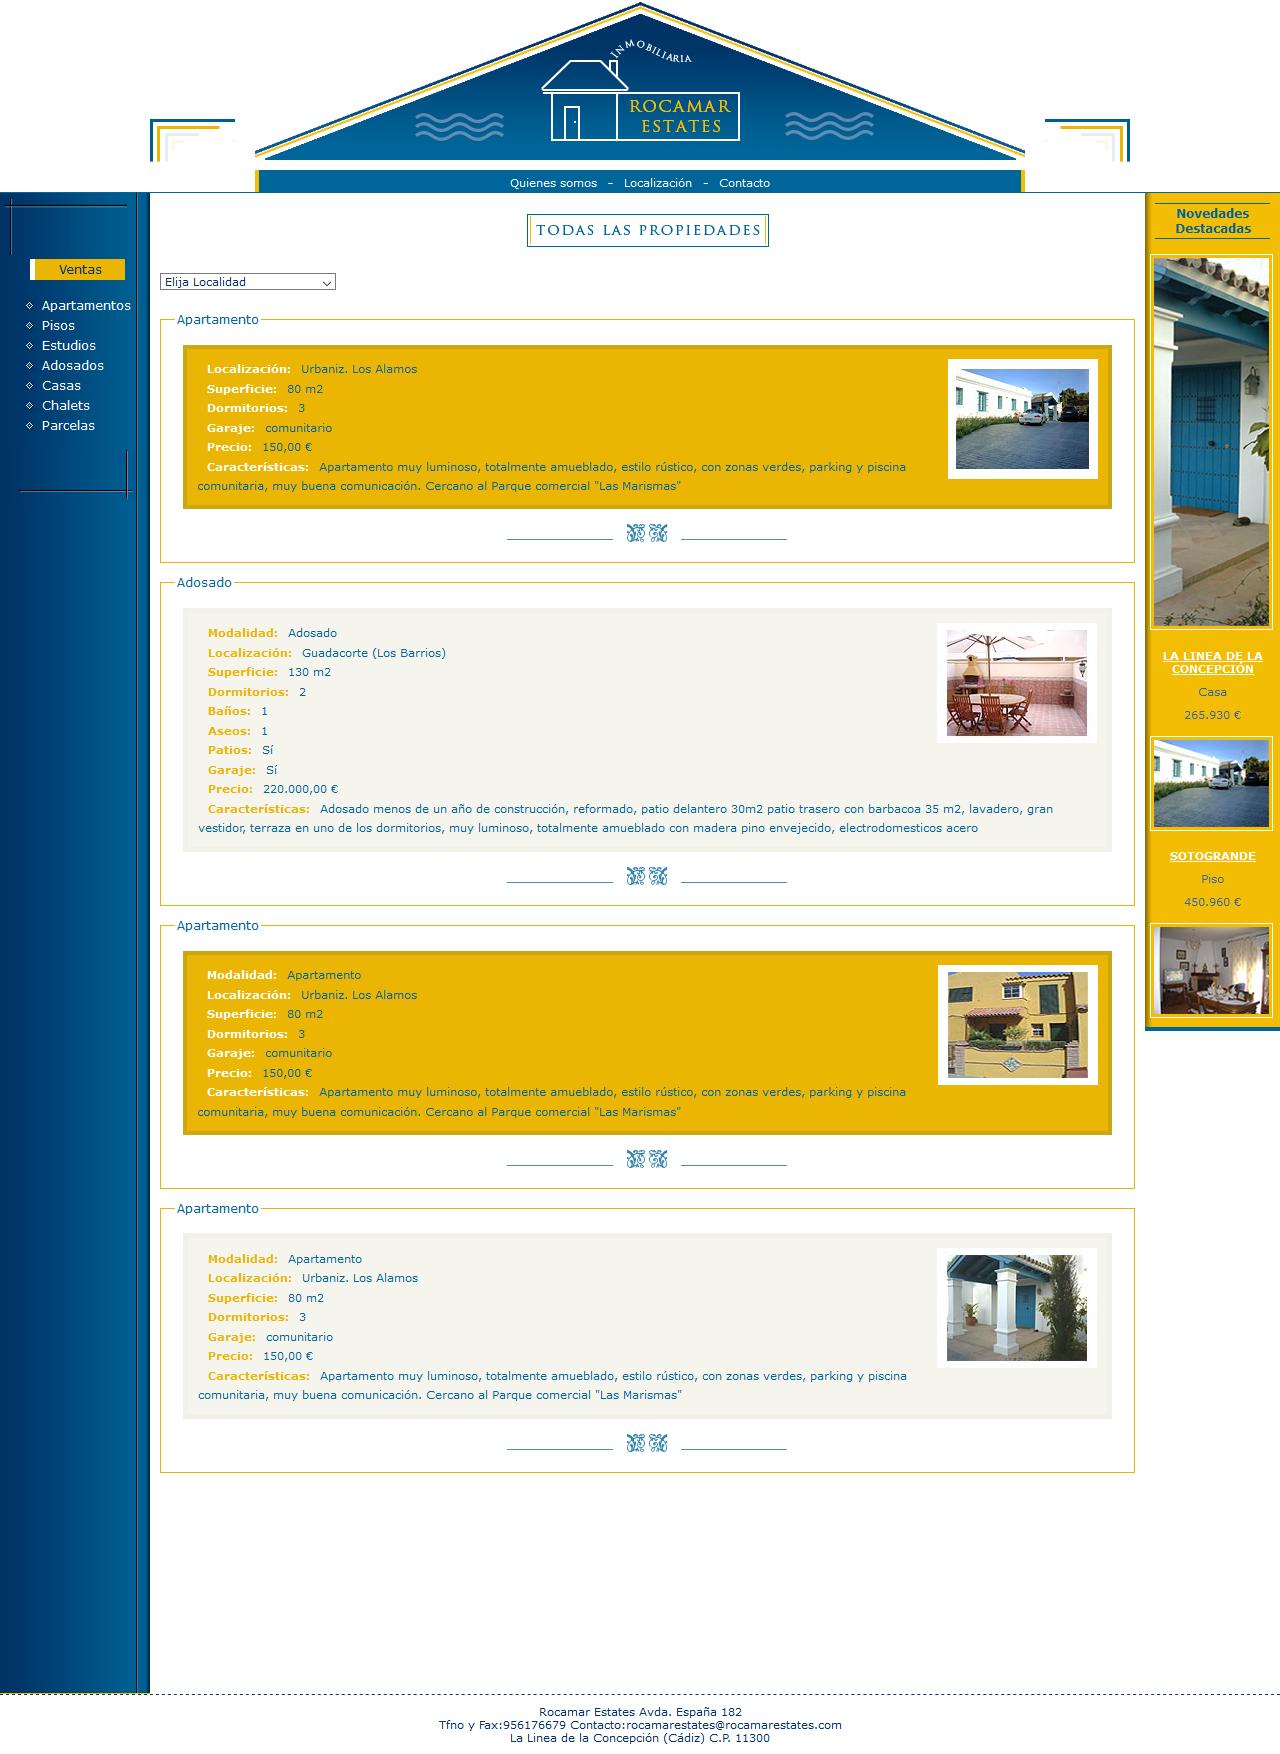 Inmobiliaria Rocamar Estates - Venta y alquileres de Apartamentos Pisos. Xhtml 1.0 Strict, Css, Php, Mysql, Dreamweaver, Photoshop. Año 2005